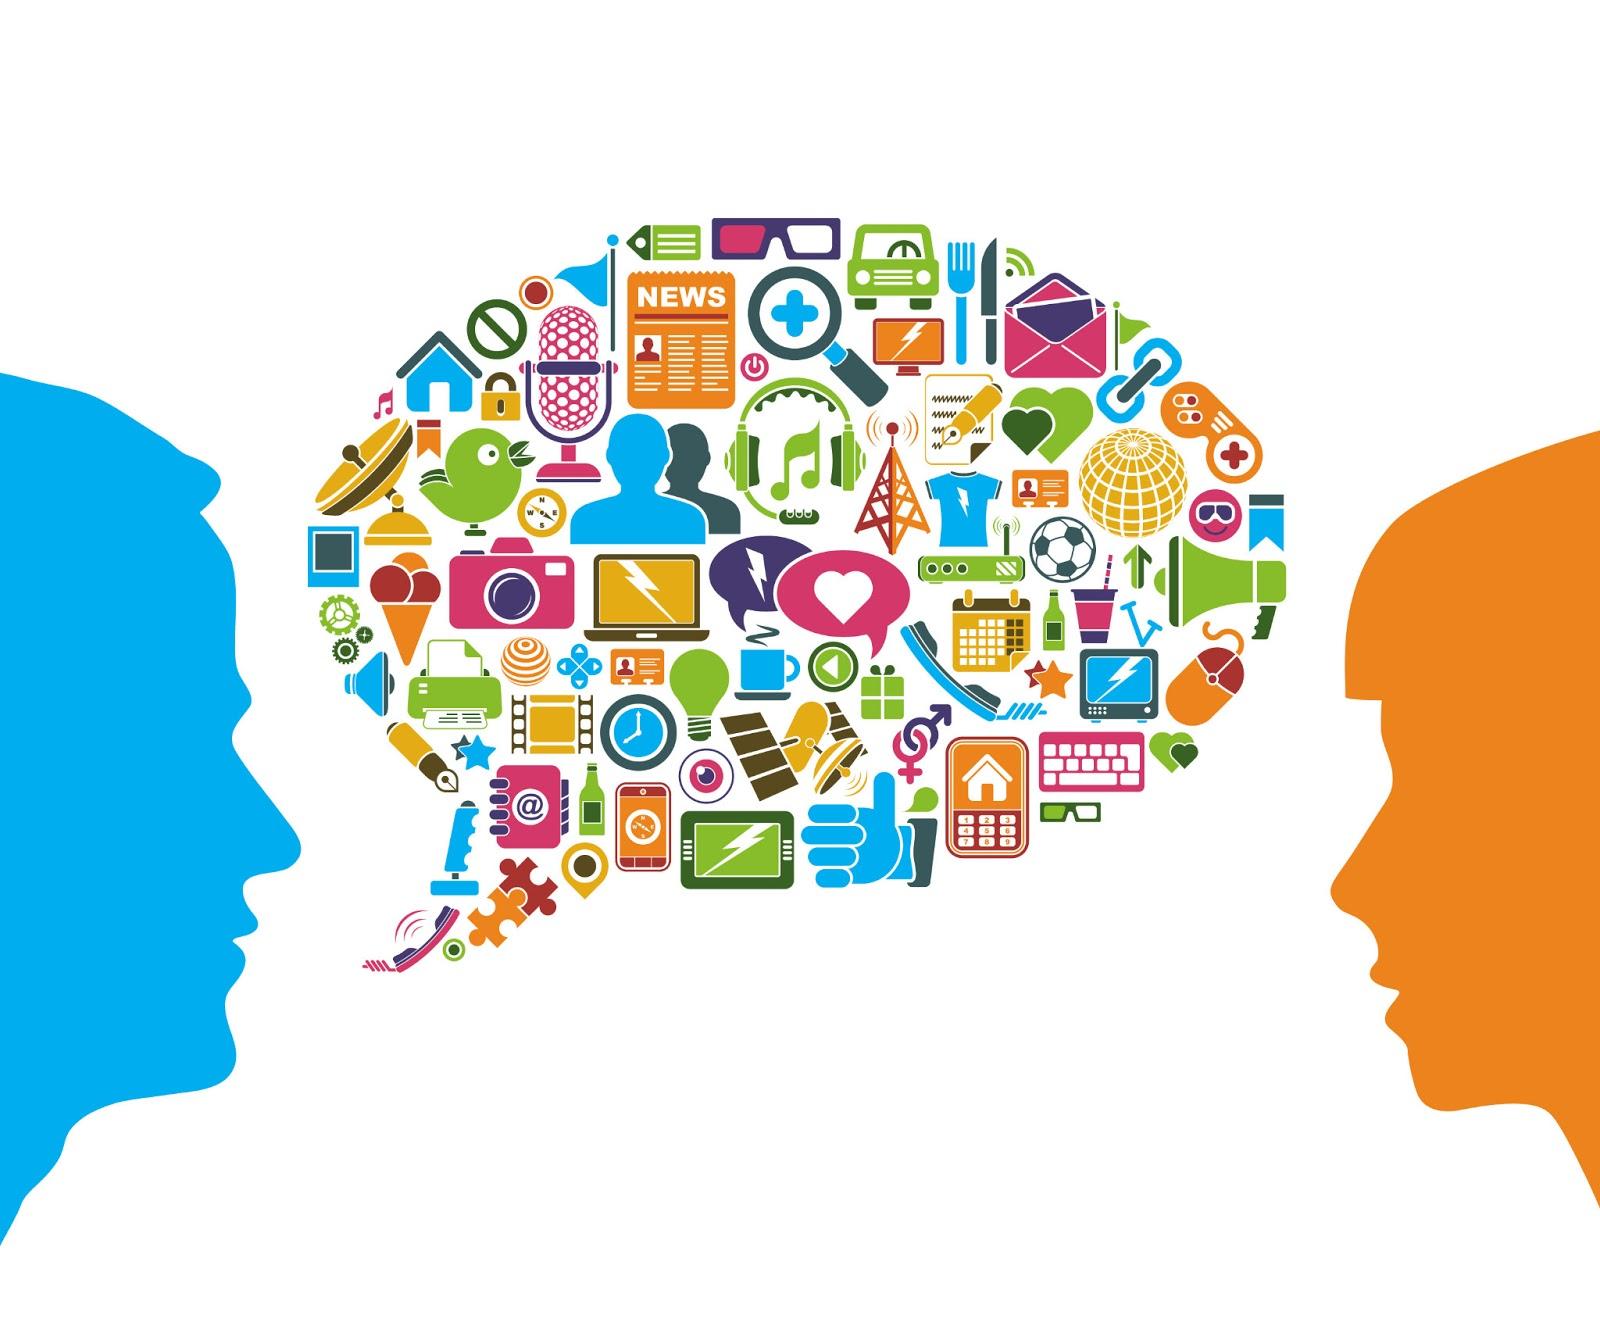 Trening učinkovite komunikacije in reševanja konfliktov